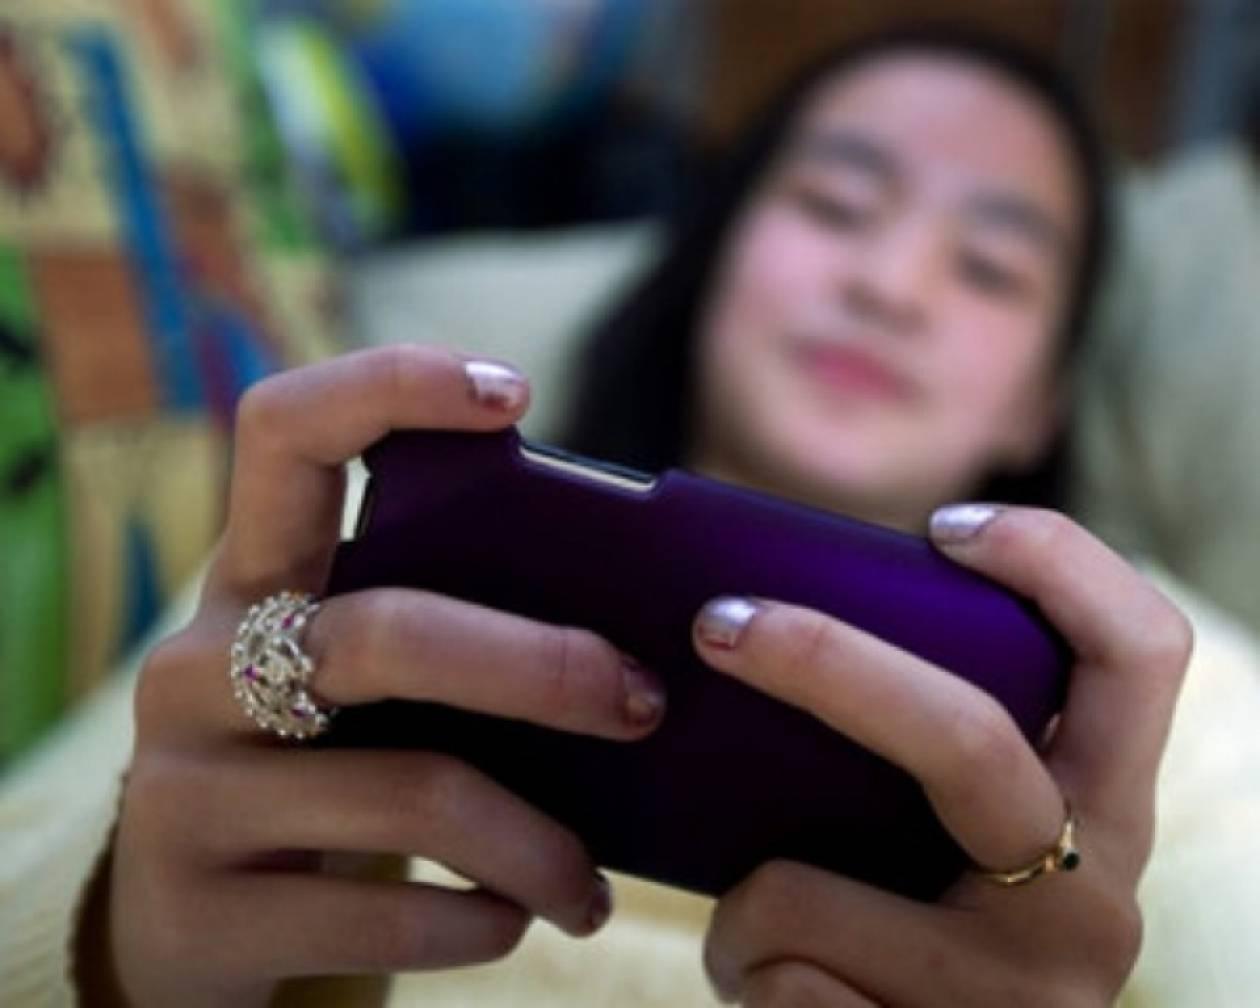 Πιο επιρρεπείς στην κατάθλιψη οι νέοι που κάνουν sexting